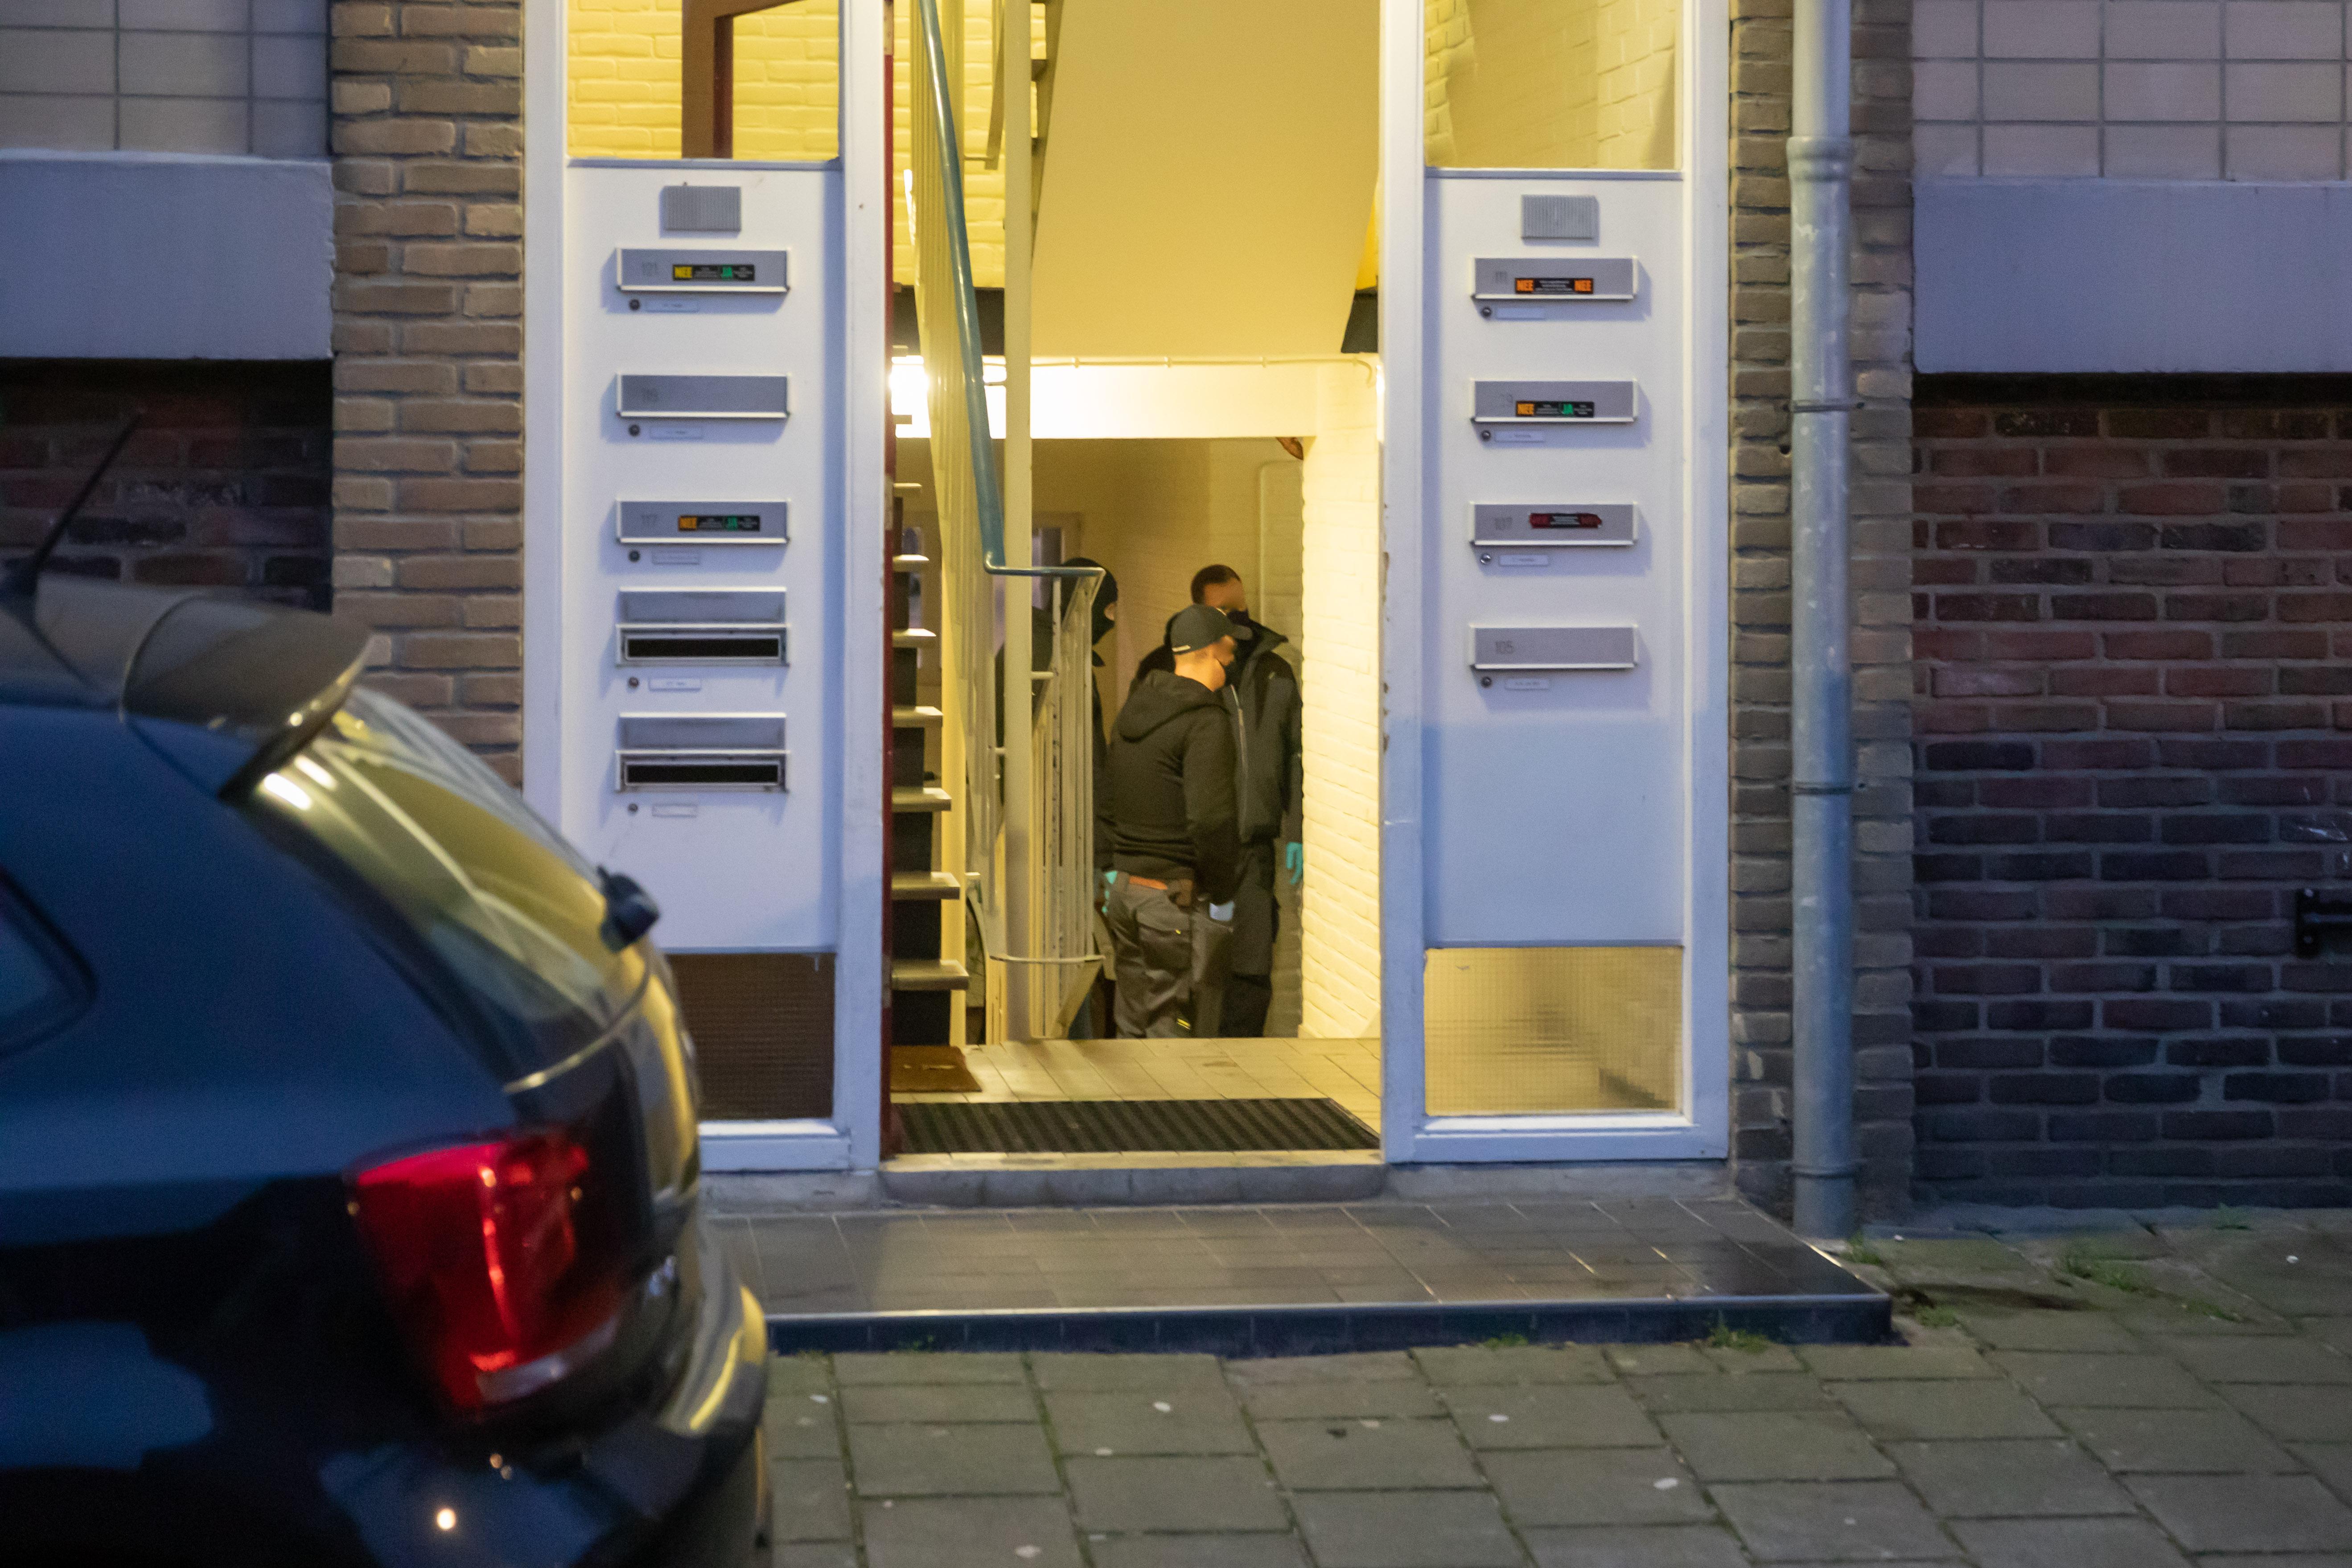 Opgepakte mannen in Bussum en Naarden verdacht van brandstichting en het veroorzaken van explosies; Zaak zou verband houden met poging tot afpersing van fruitteler in Gelderland